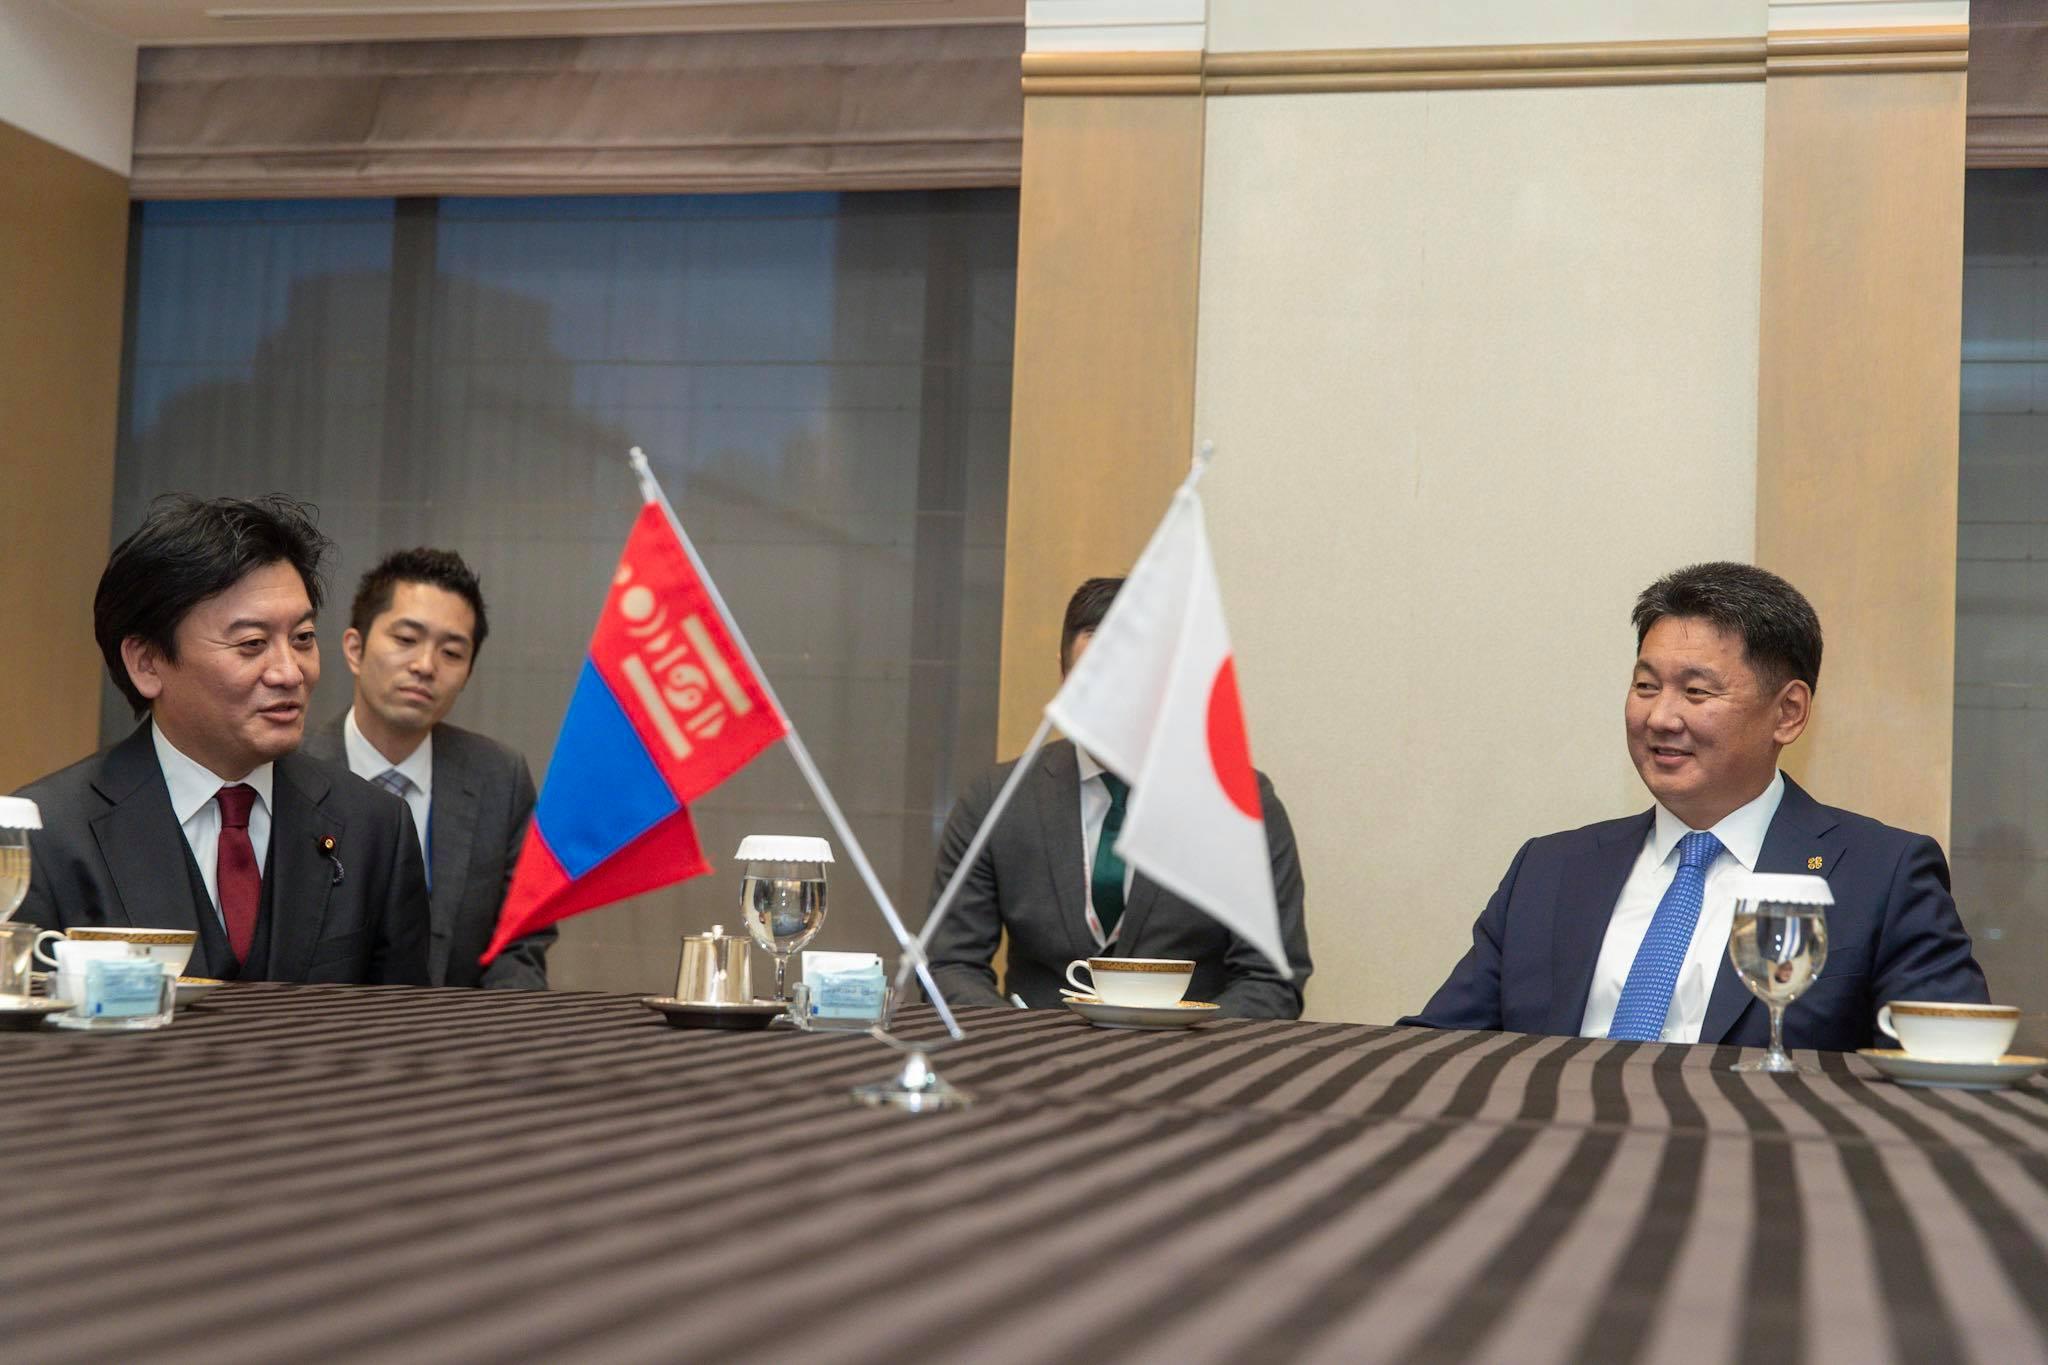 Ерөнхий сайд Японы Парламентын Төлөөлөгчдийн танхимын гишүүдийг хүлээн авч уулзав